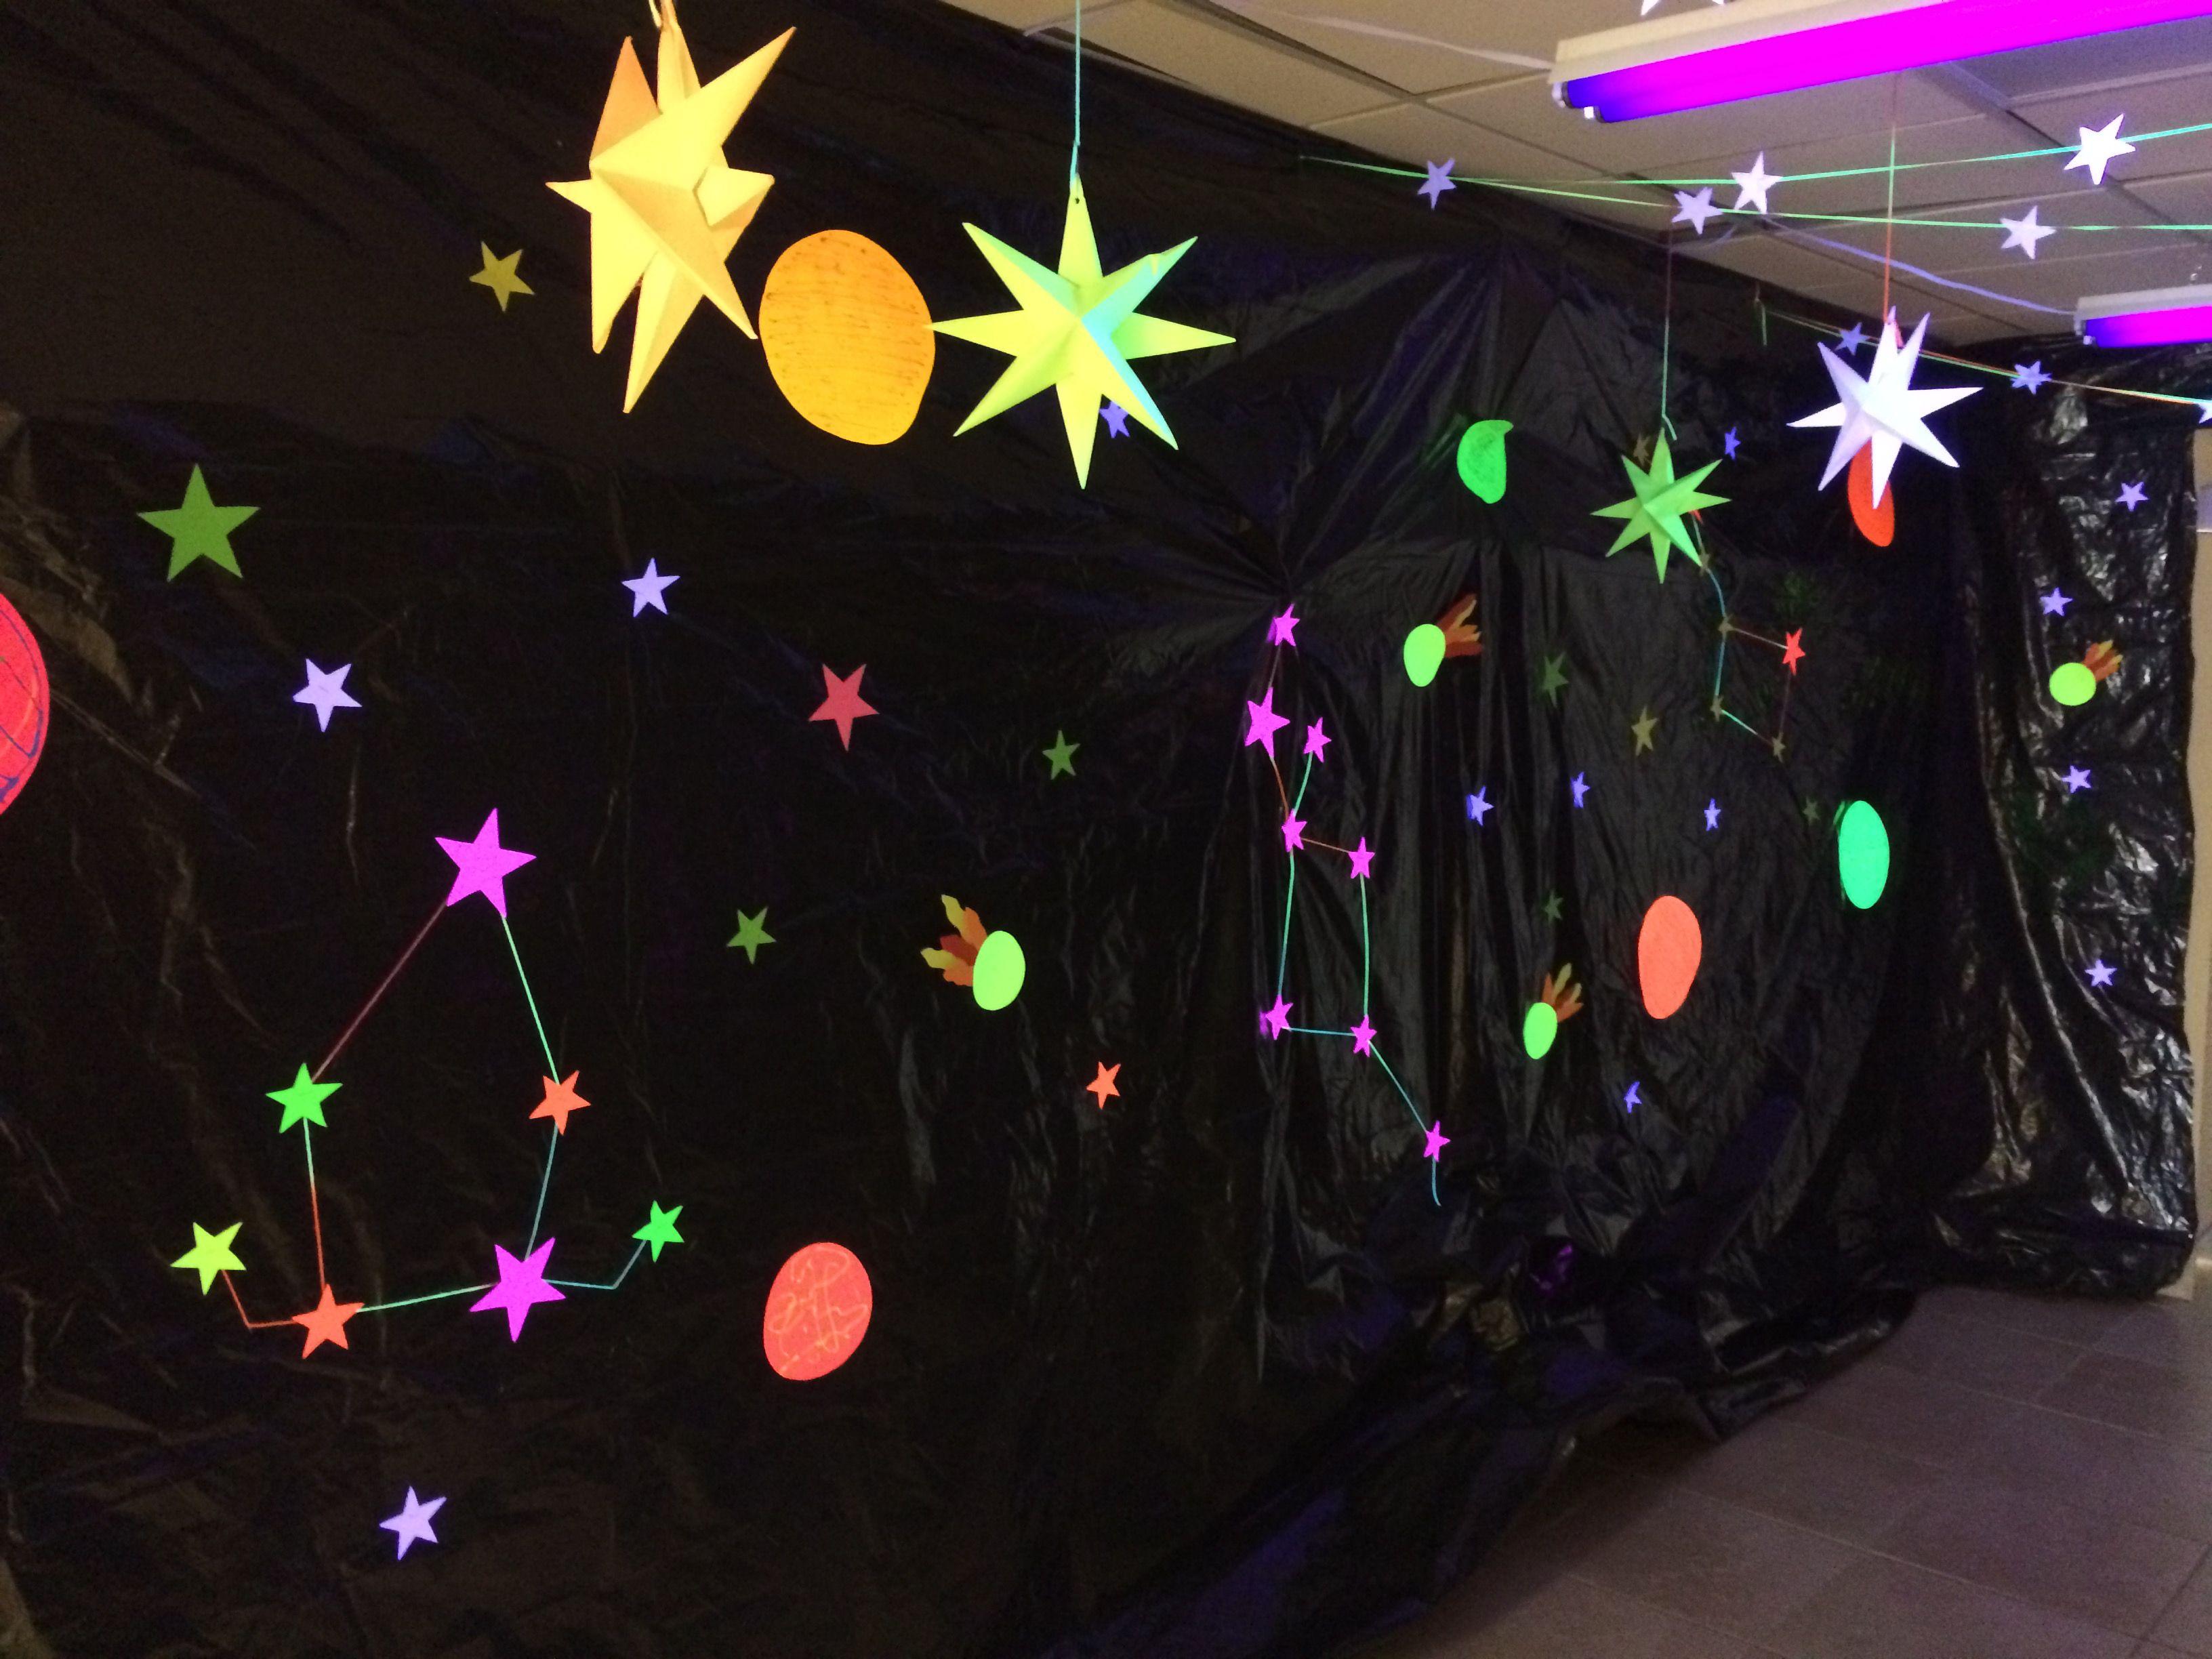 Galactic starveyors vbs 2017 calvary baptist church for Outer space decor